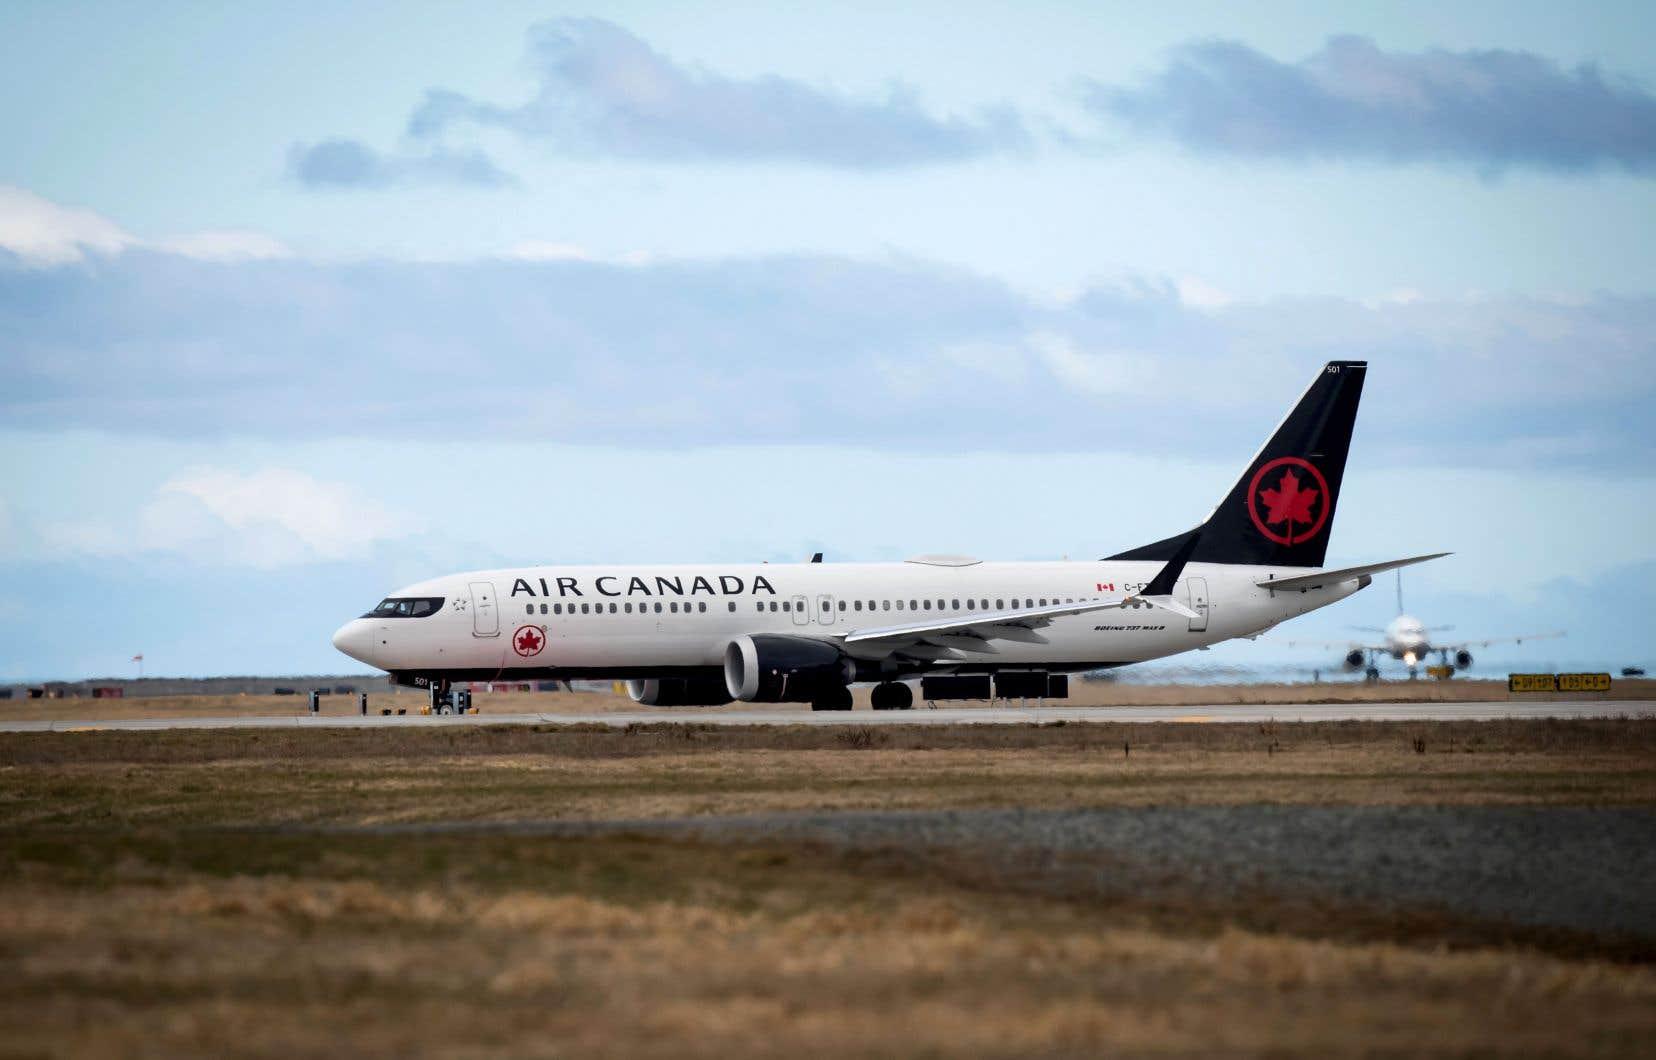 Au Canada, Air Canada (24 appareils), WestJet (13) et Sunwing (4) ont des Boeing 737 MAX 8 au sein de leur flotte. Mardi en fin de soirée, Sunwing a annoncé la suspension des opérations de ses quatre appareils.